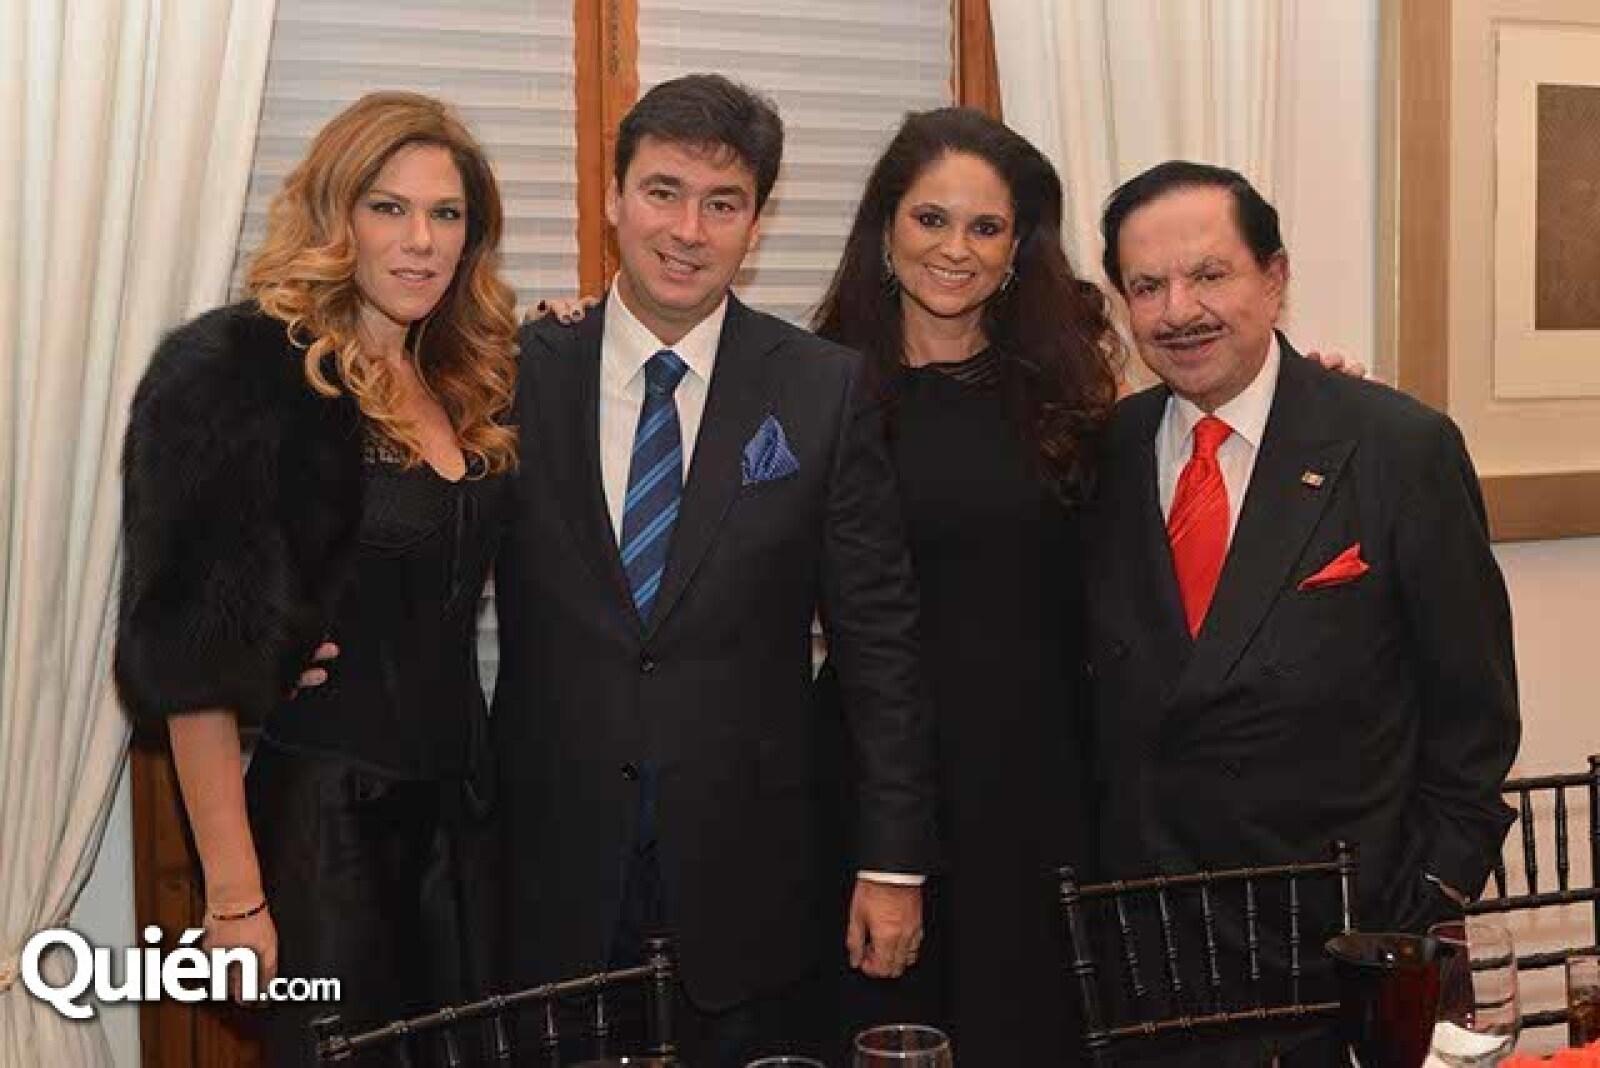 Ana y Ernesto Álvarez Murphy con Perla de Ealy y Juan Francisco Ealy Ortiz.